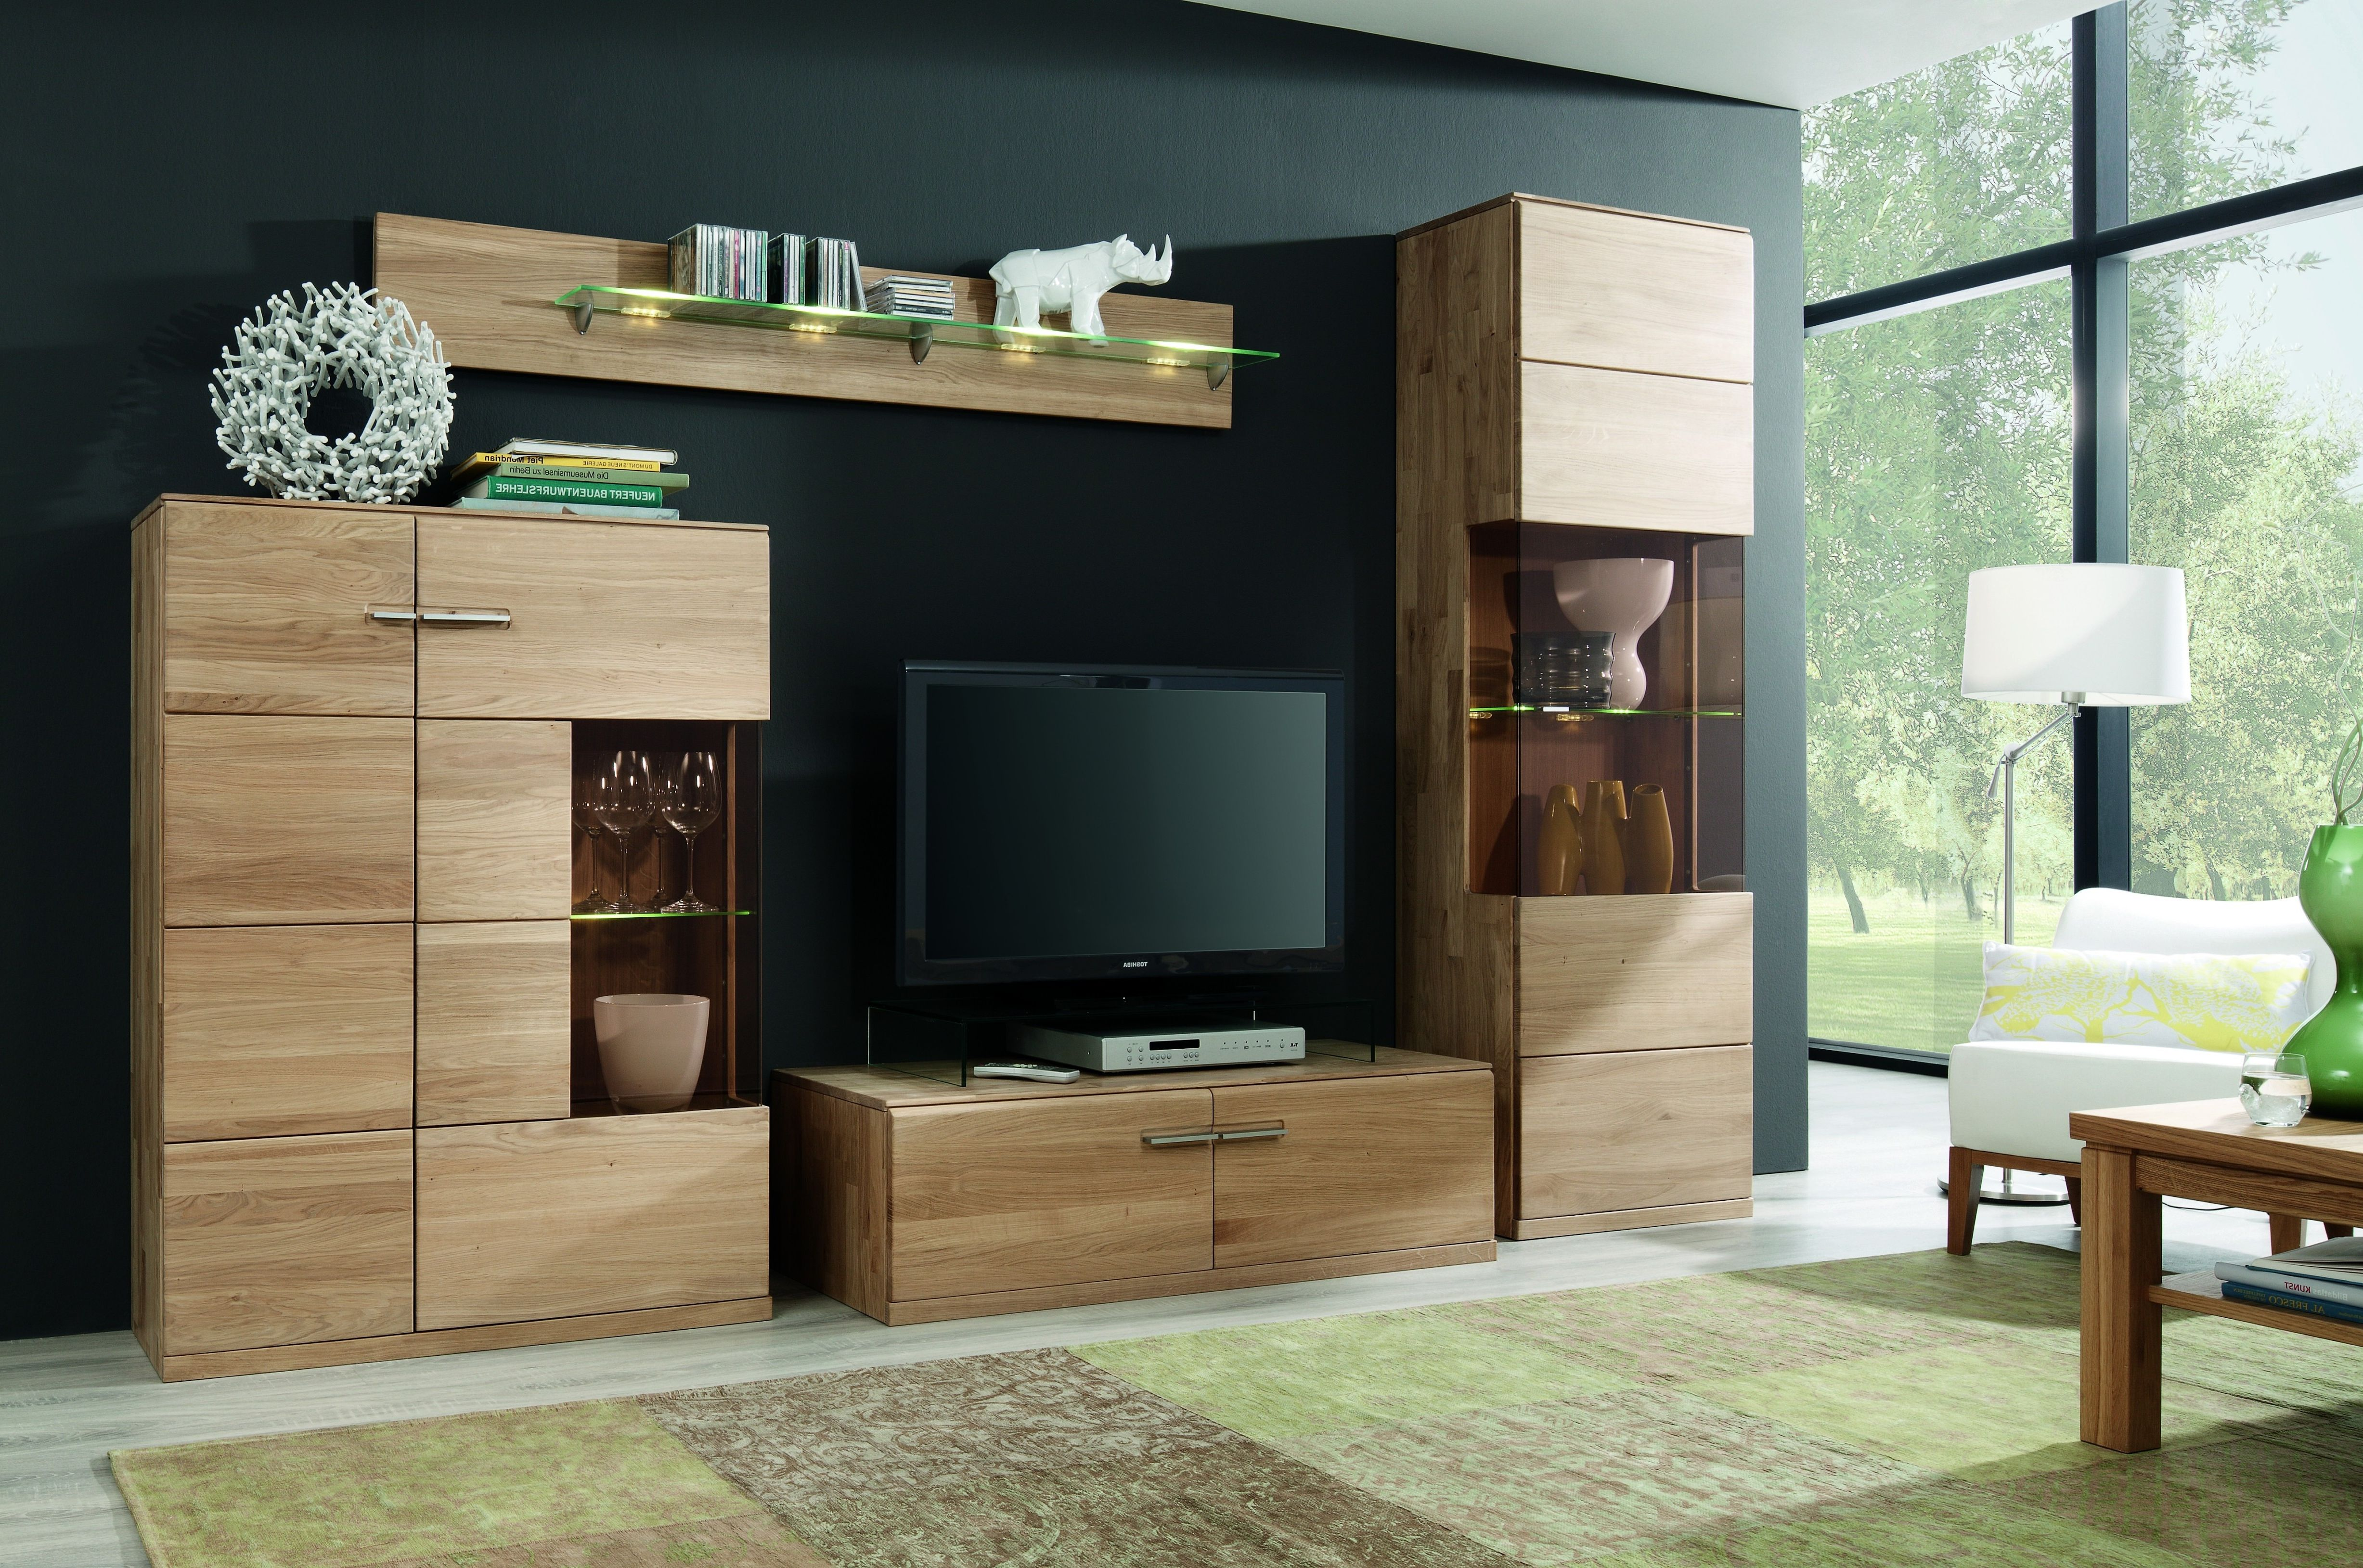 Wohnwand Eiche Bianco Massiv Geölt & Gewachst Woody 35 00248 Holz Modern – Möbel24 ganz nach ...